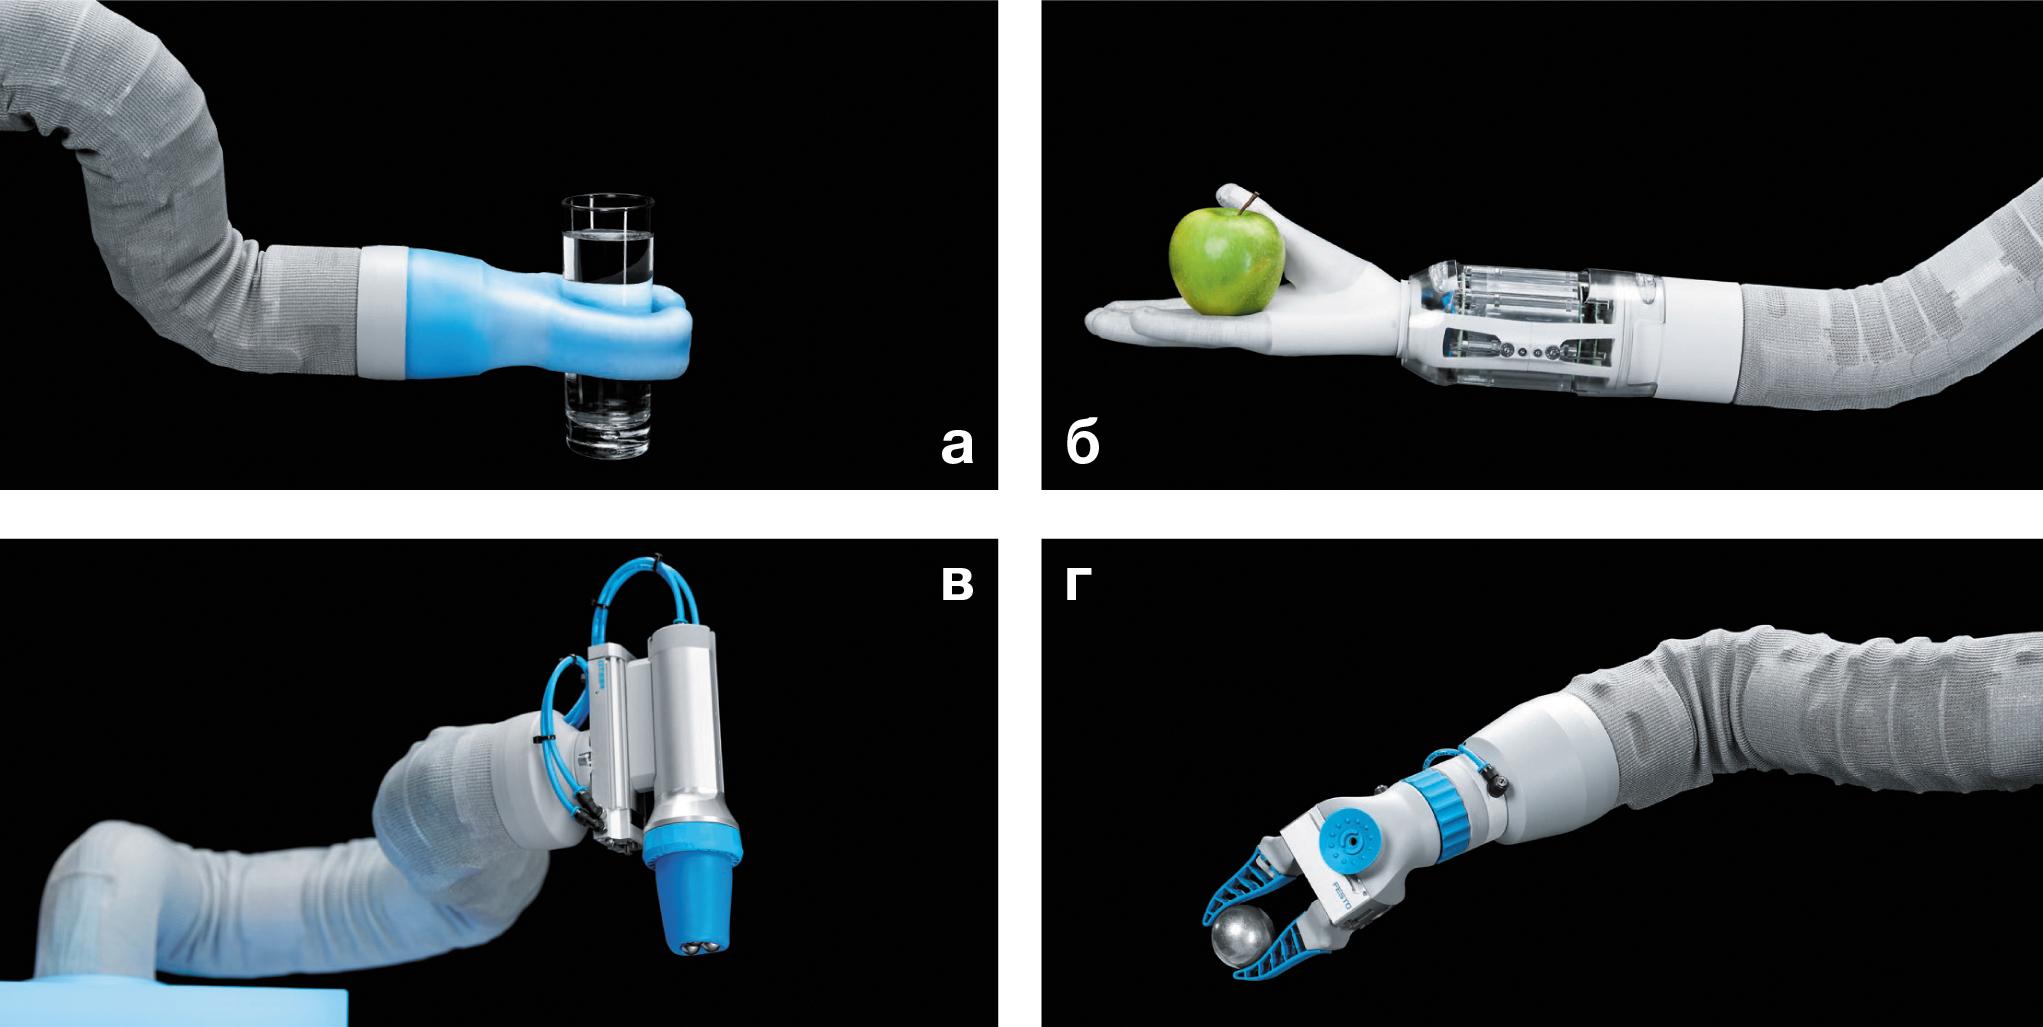 Возможные варианты оснащения BionicSoftArm, реализуемые благодаря интерфейсу для подключения различных захватов: а) три или четыре пальца захвата; б) бионическая рука Bionic SoftHand; в) адаптивный захват формы DHEF; г) адаптивный захват DHAS